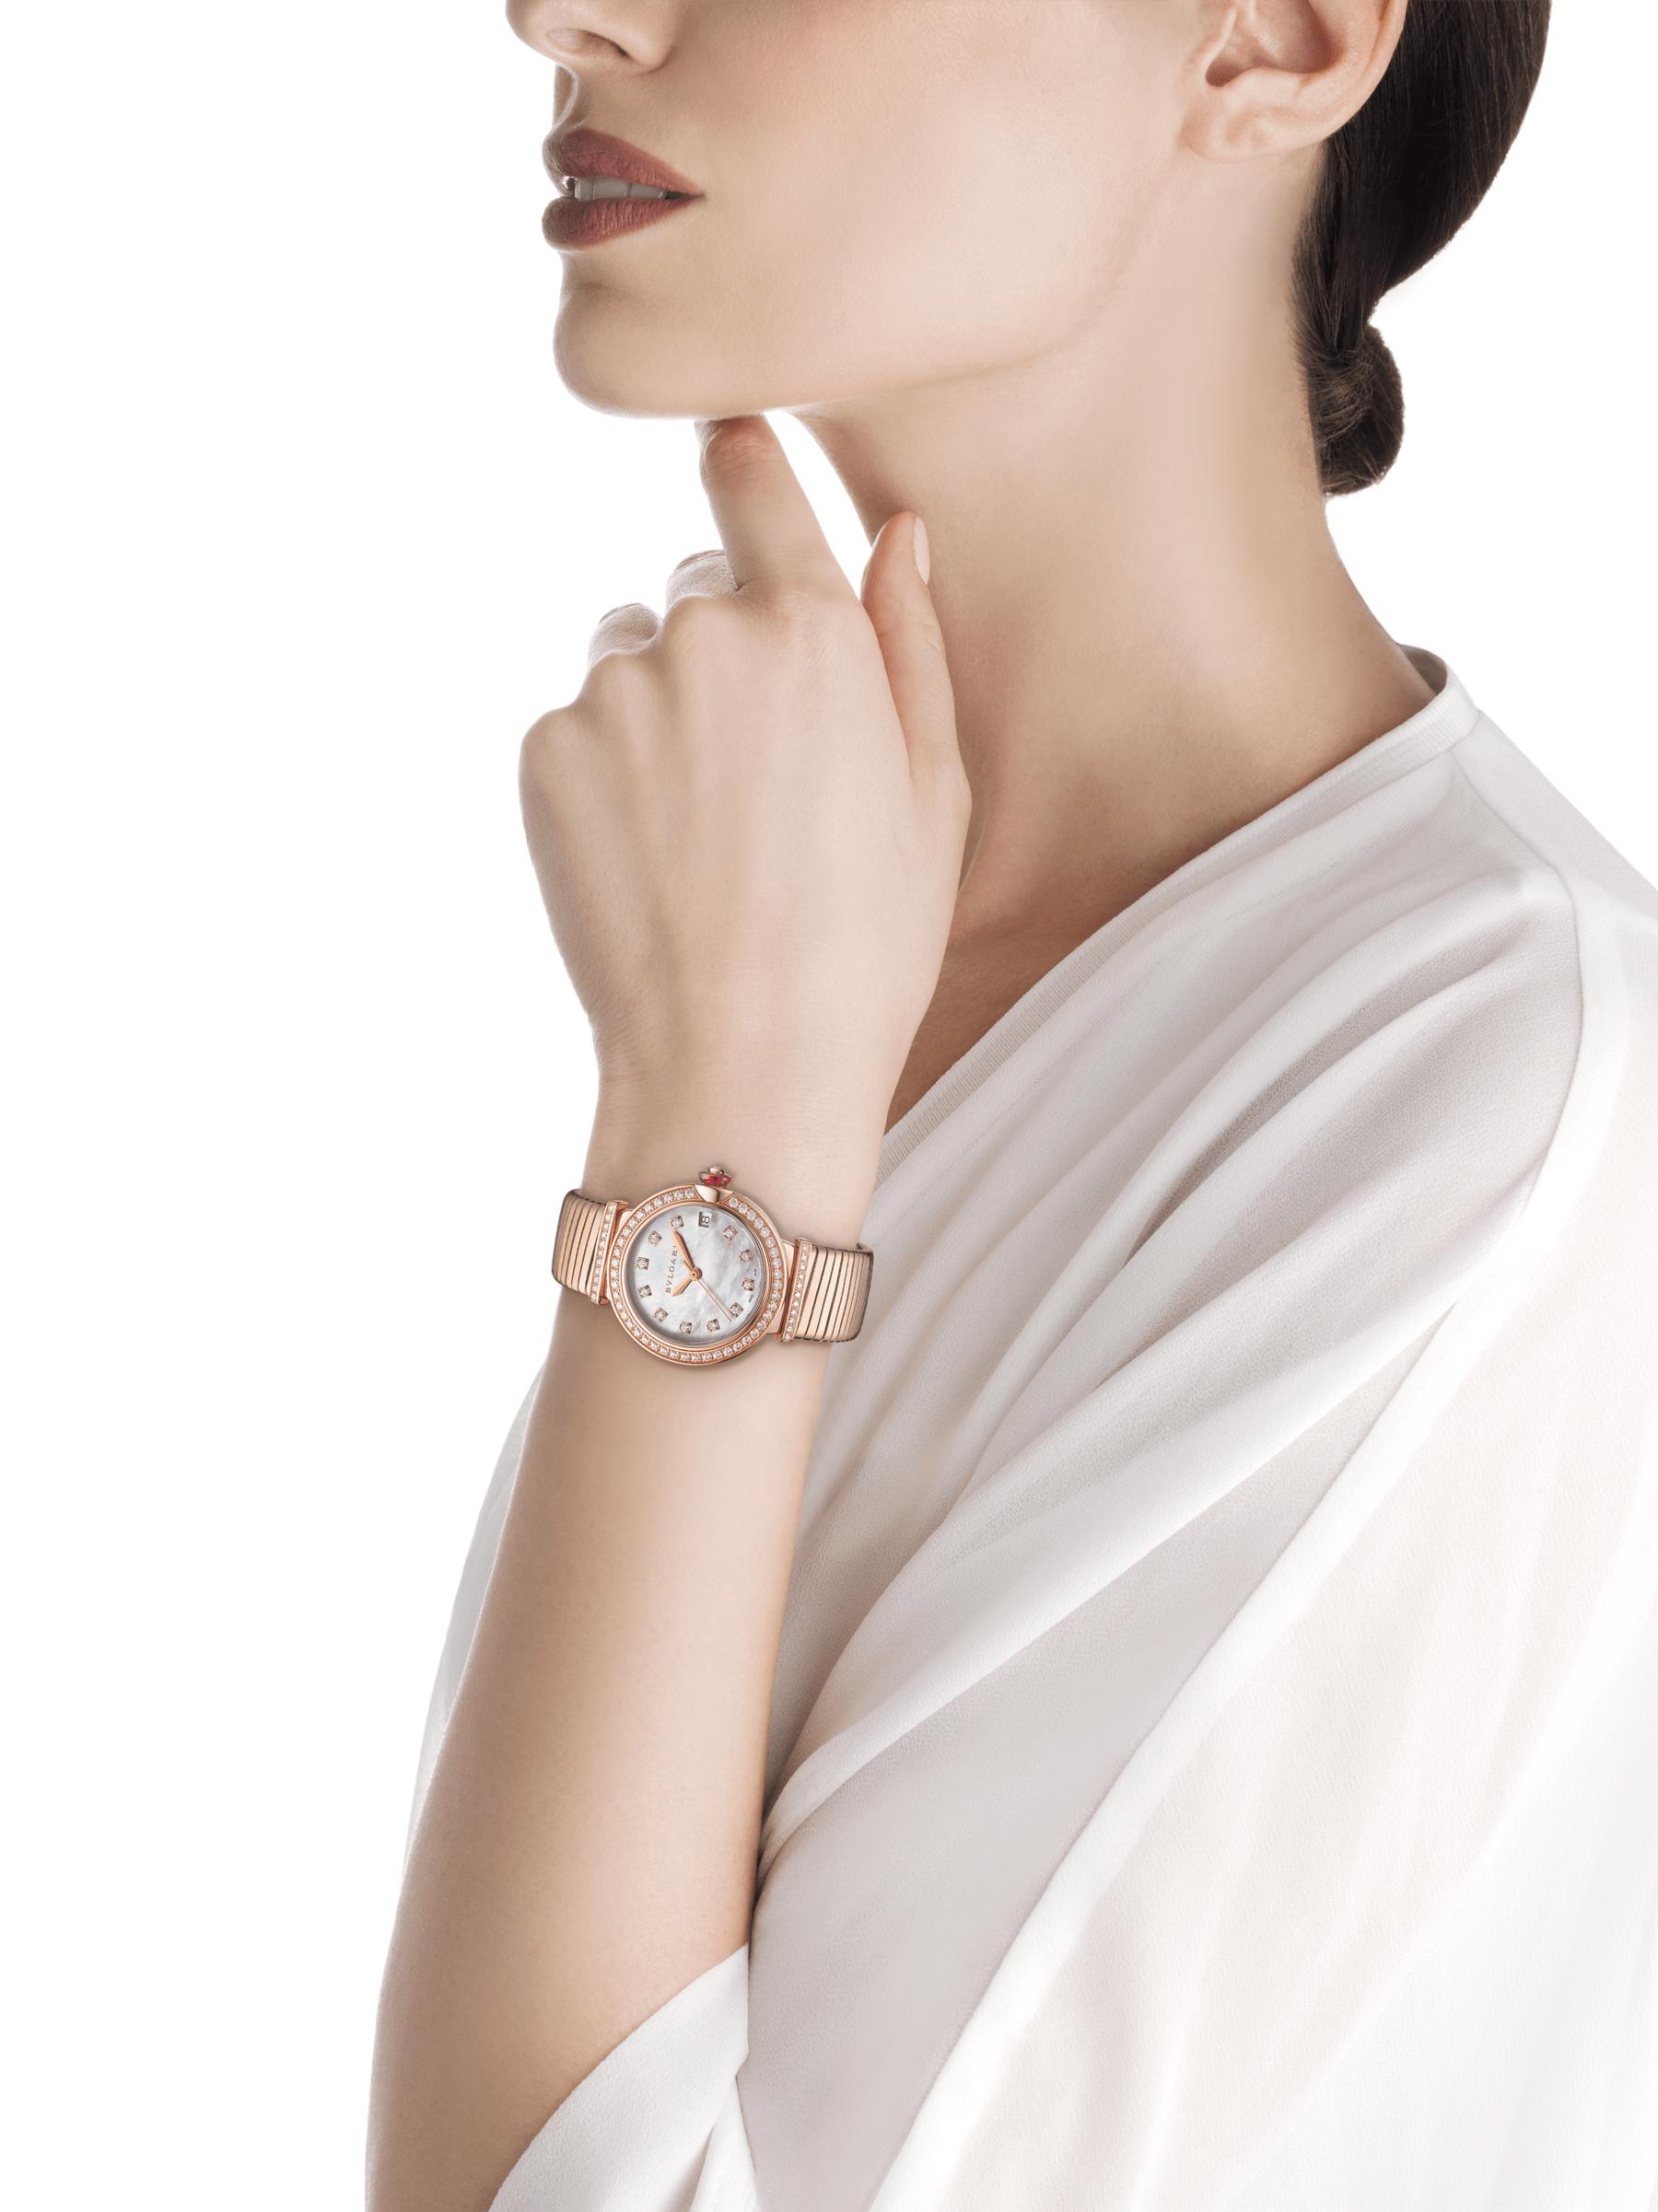 Montre LVCEA Tubogas avec boîtier en or rose 18K serti de diamants, cadran en nacre blanche, index sertis de diamants et bracelet Tubogas en or rose 18K 103034 image 4